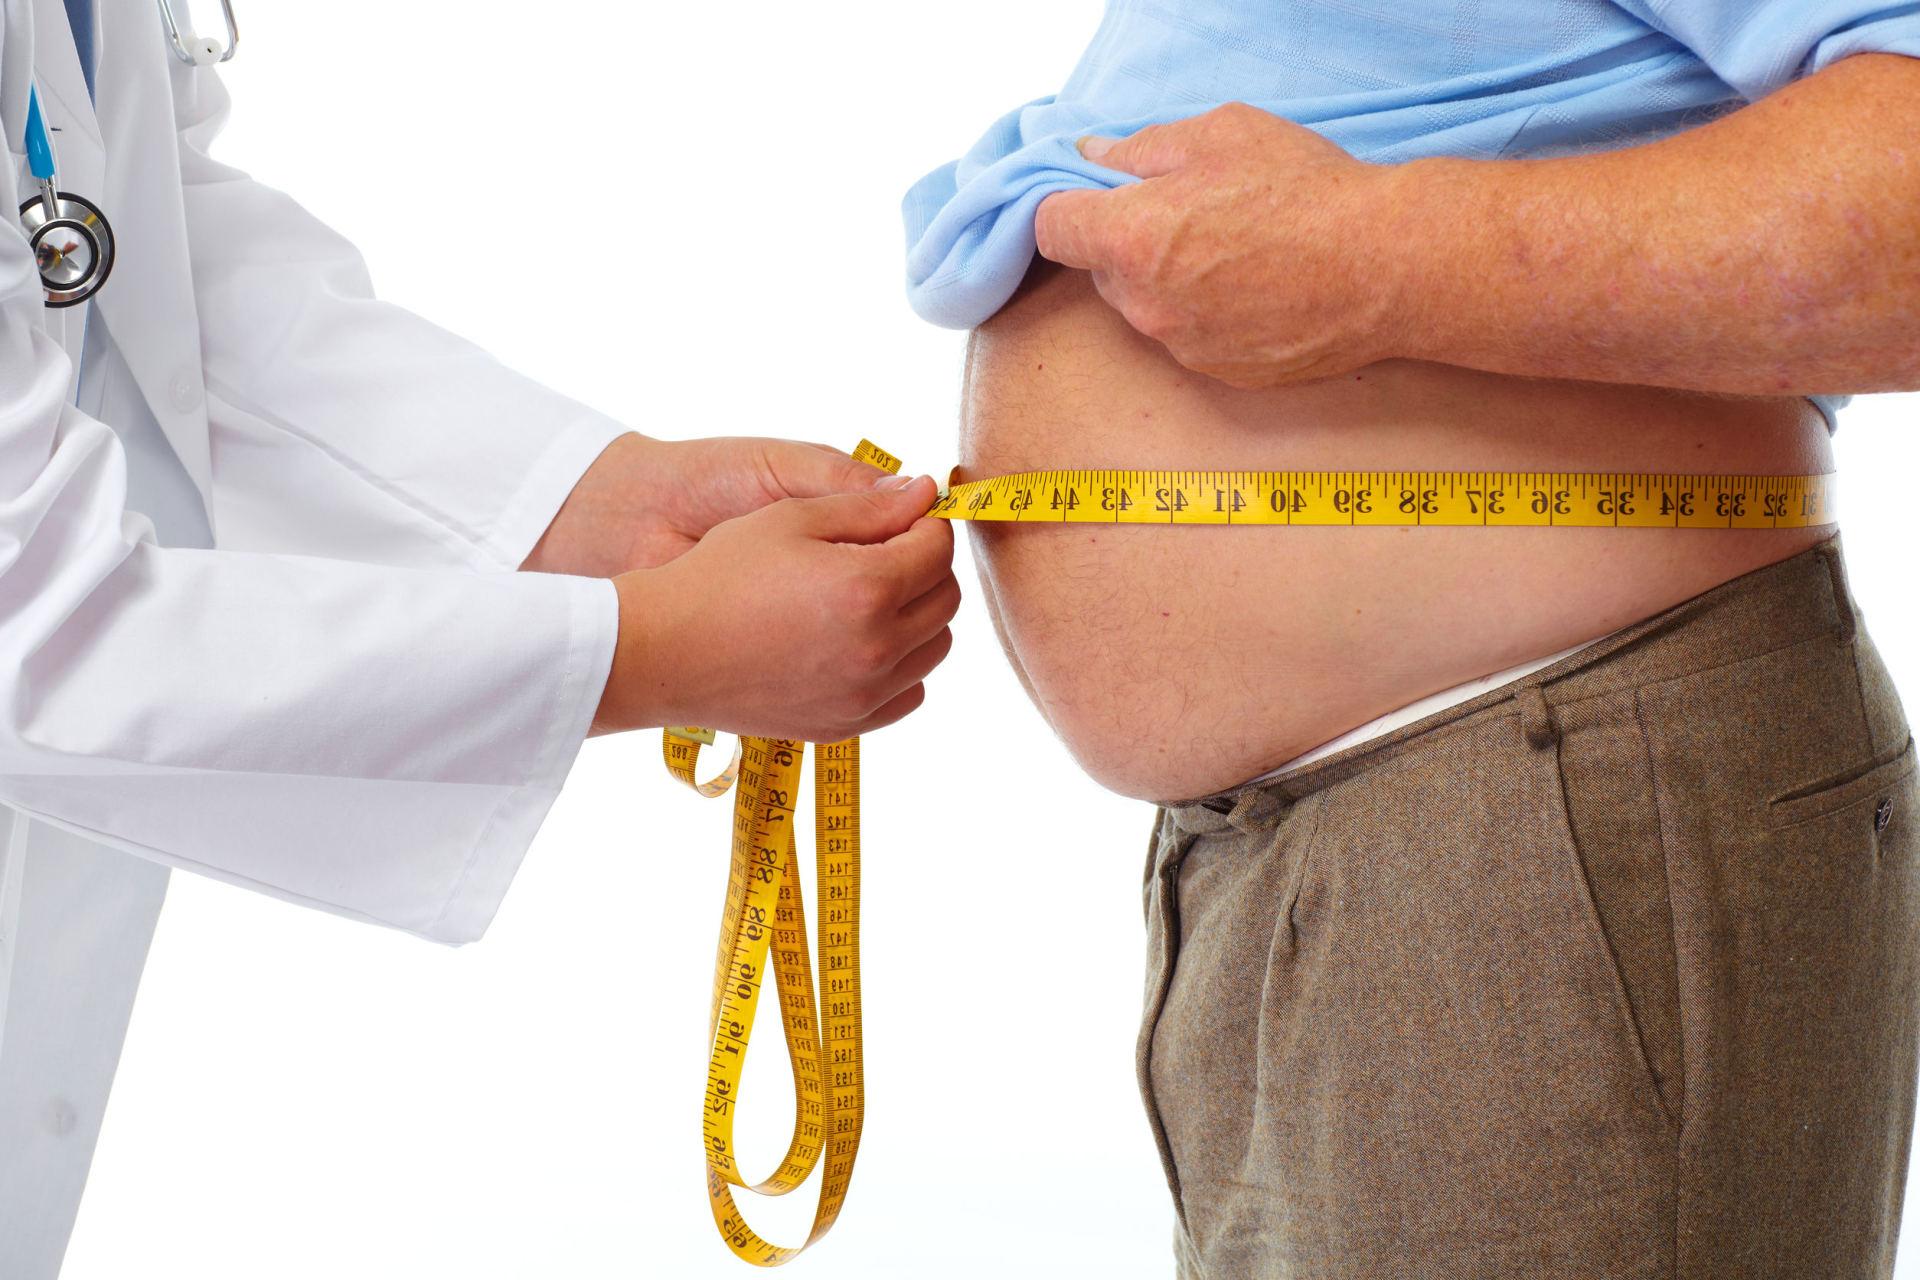 10 cm, kiek yra dydis, jei jis yra narys Liaudies gynimo priemones uz pusiau salies nario padidejima